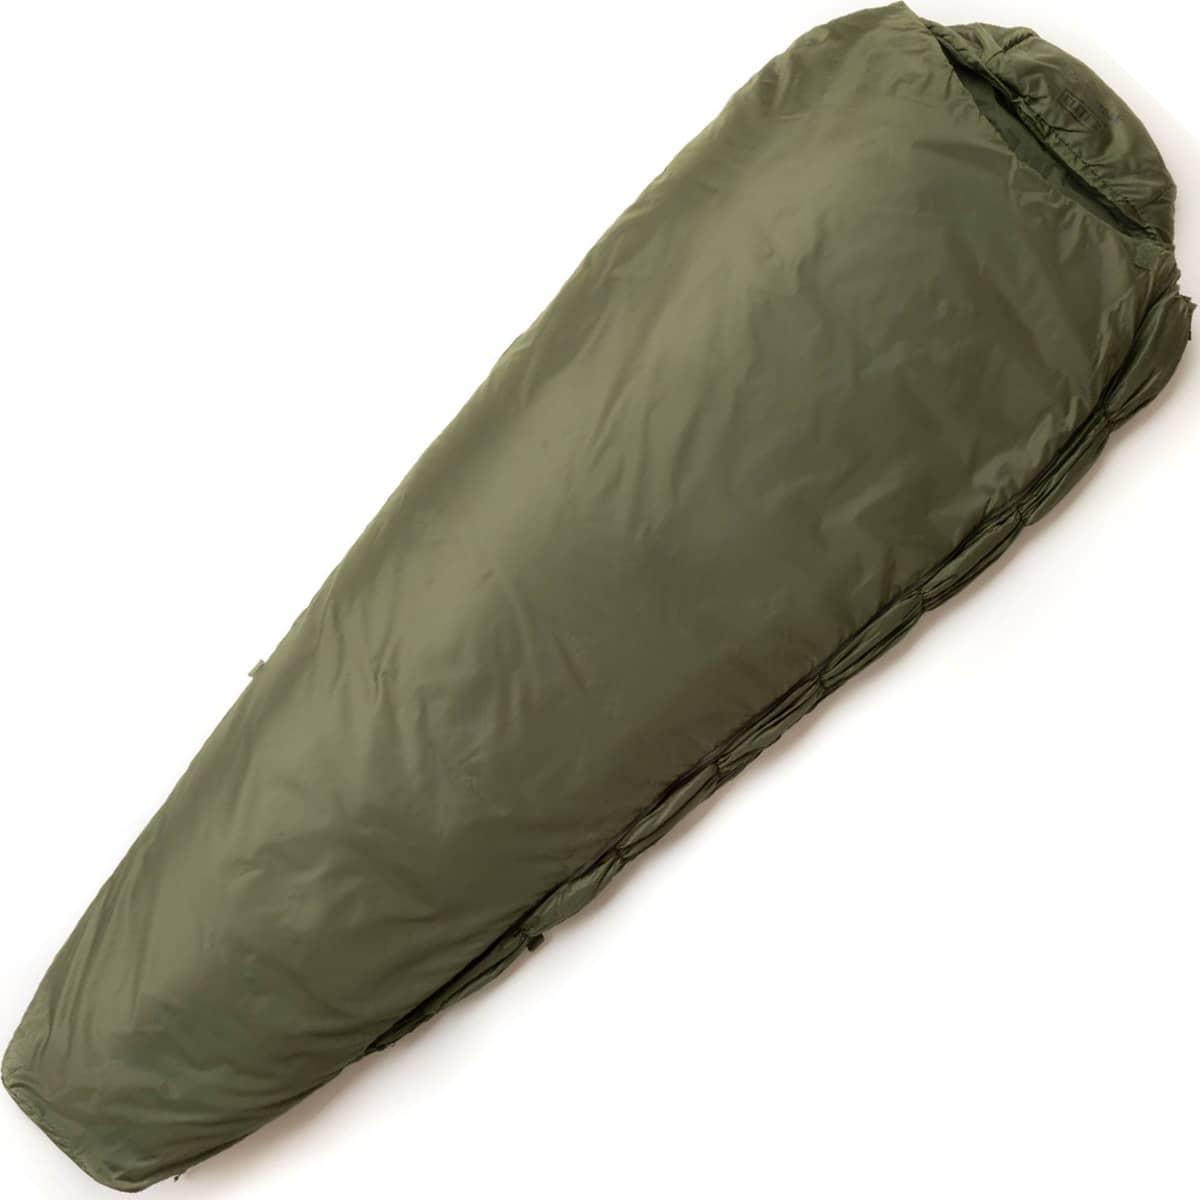 Snugpak Softie Elite 2 Sleeping Bag